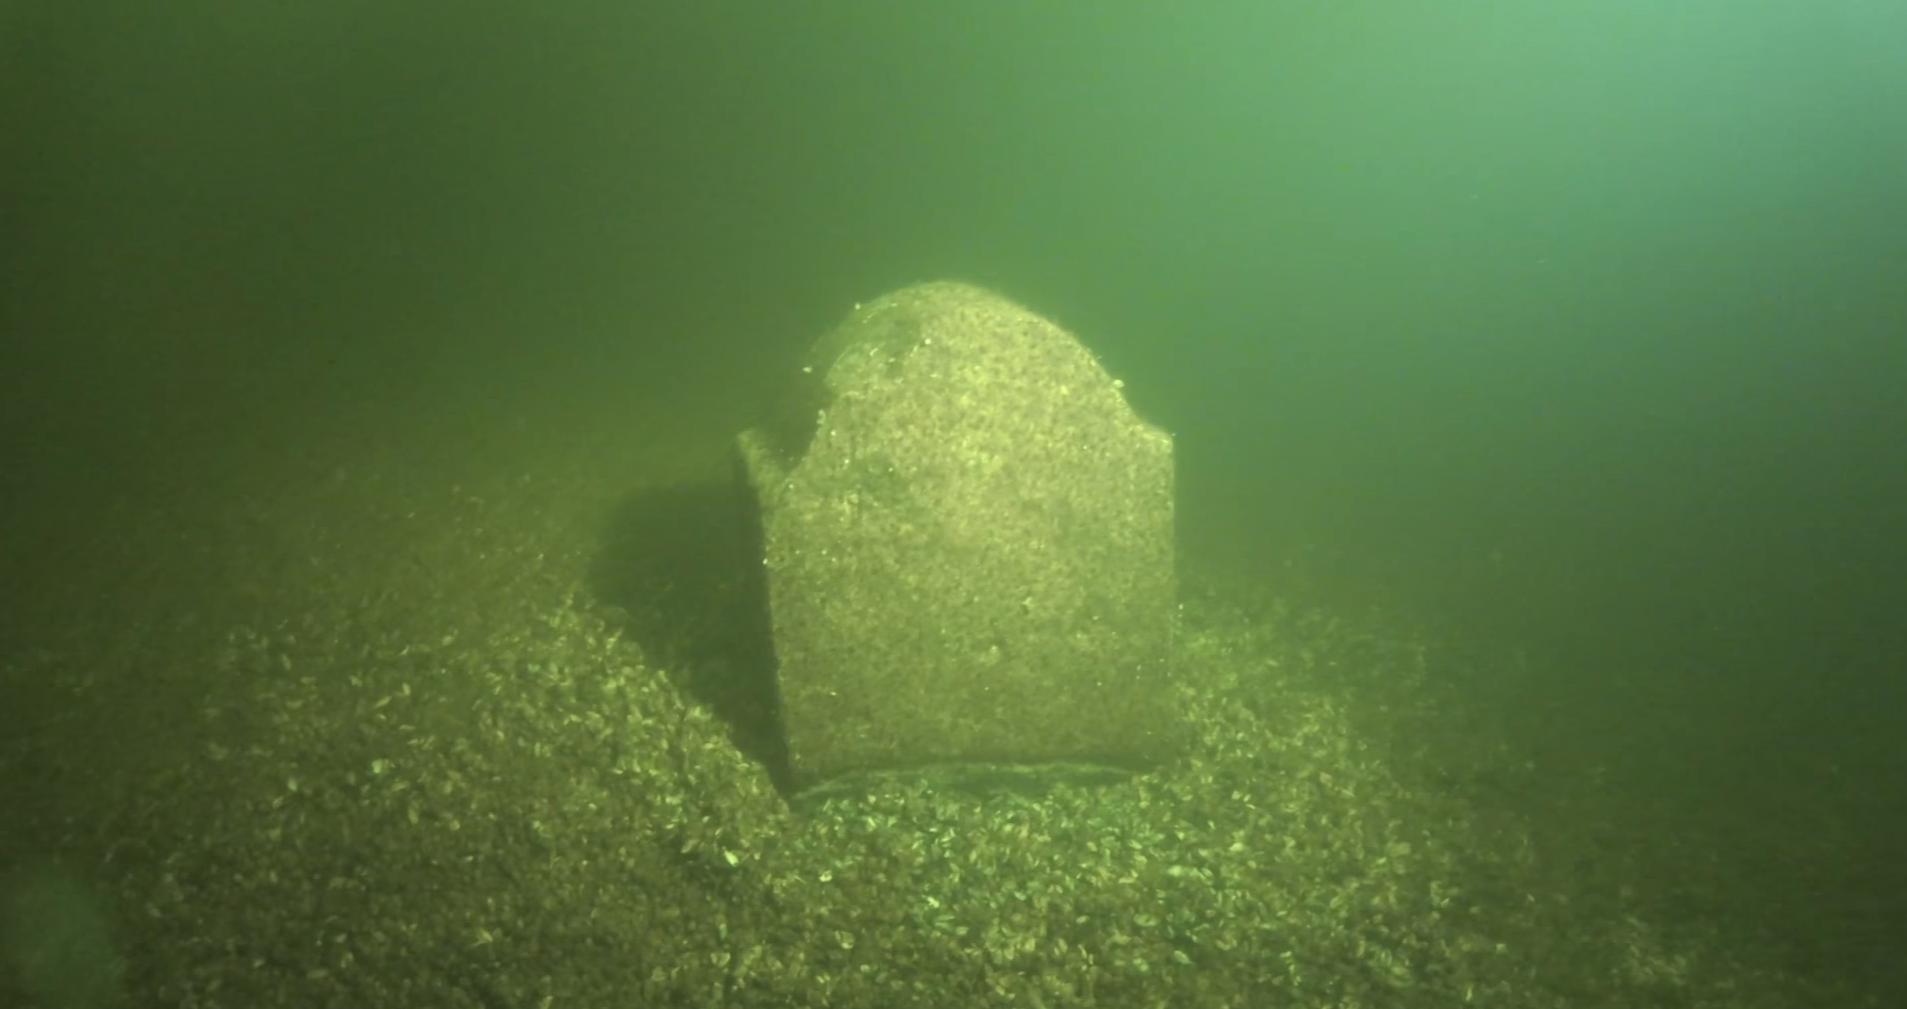 Запорожский дайвер обнаружил в водах Днепра останки старинного кладбища - ФОТО, ВИДЕО